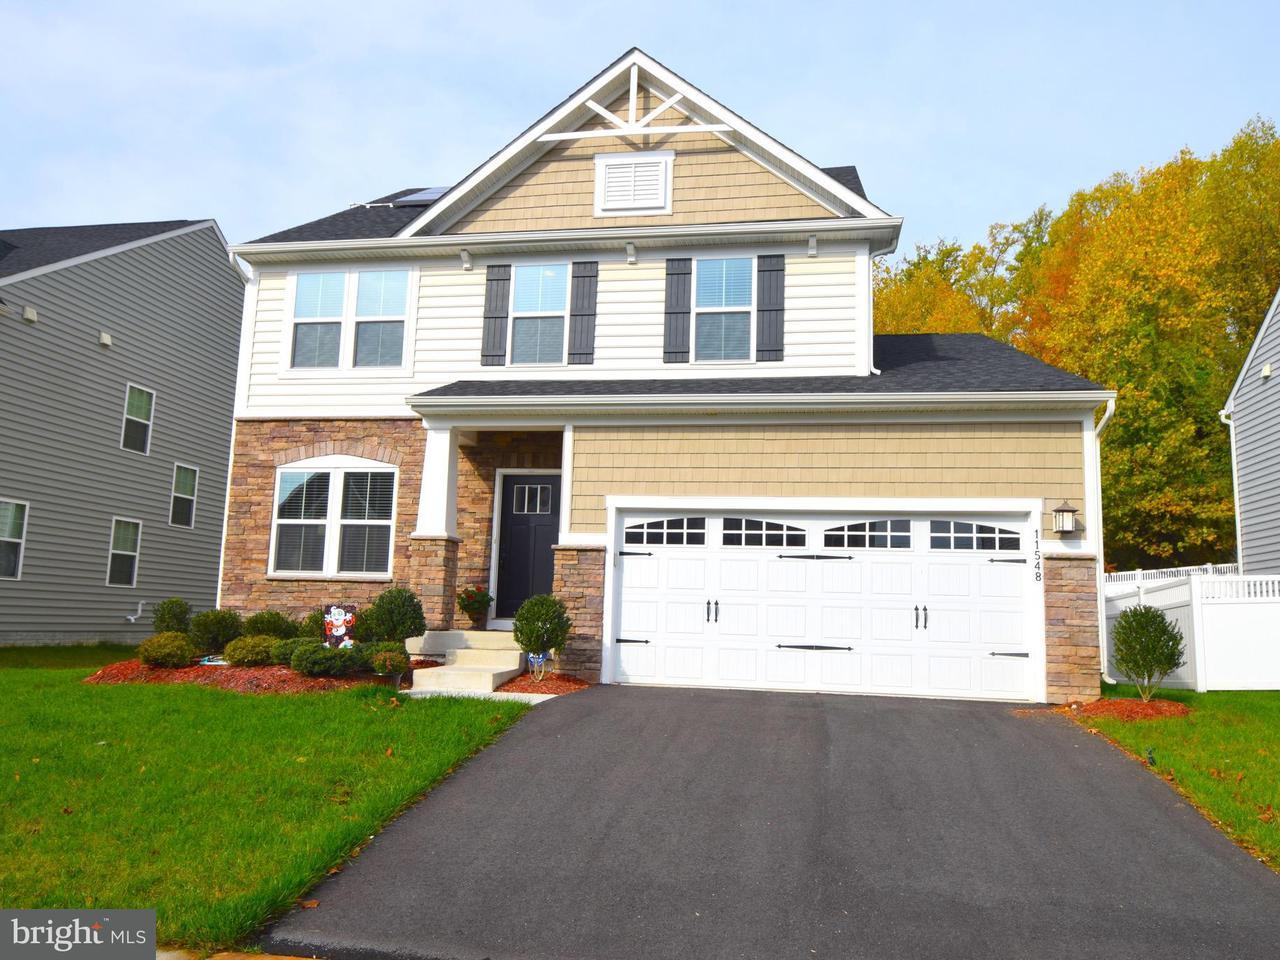 Casa Unifamiliar por un Venta en 11548 AUTUMN TERRACE Drive 11548 AUTUMN TERRACE Drive White Marsh, Maryland 21162 Estados Unidos